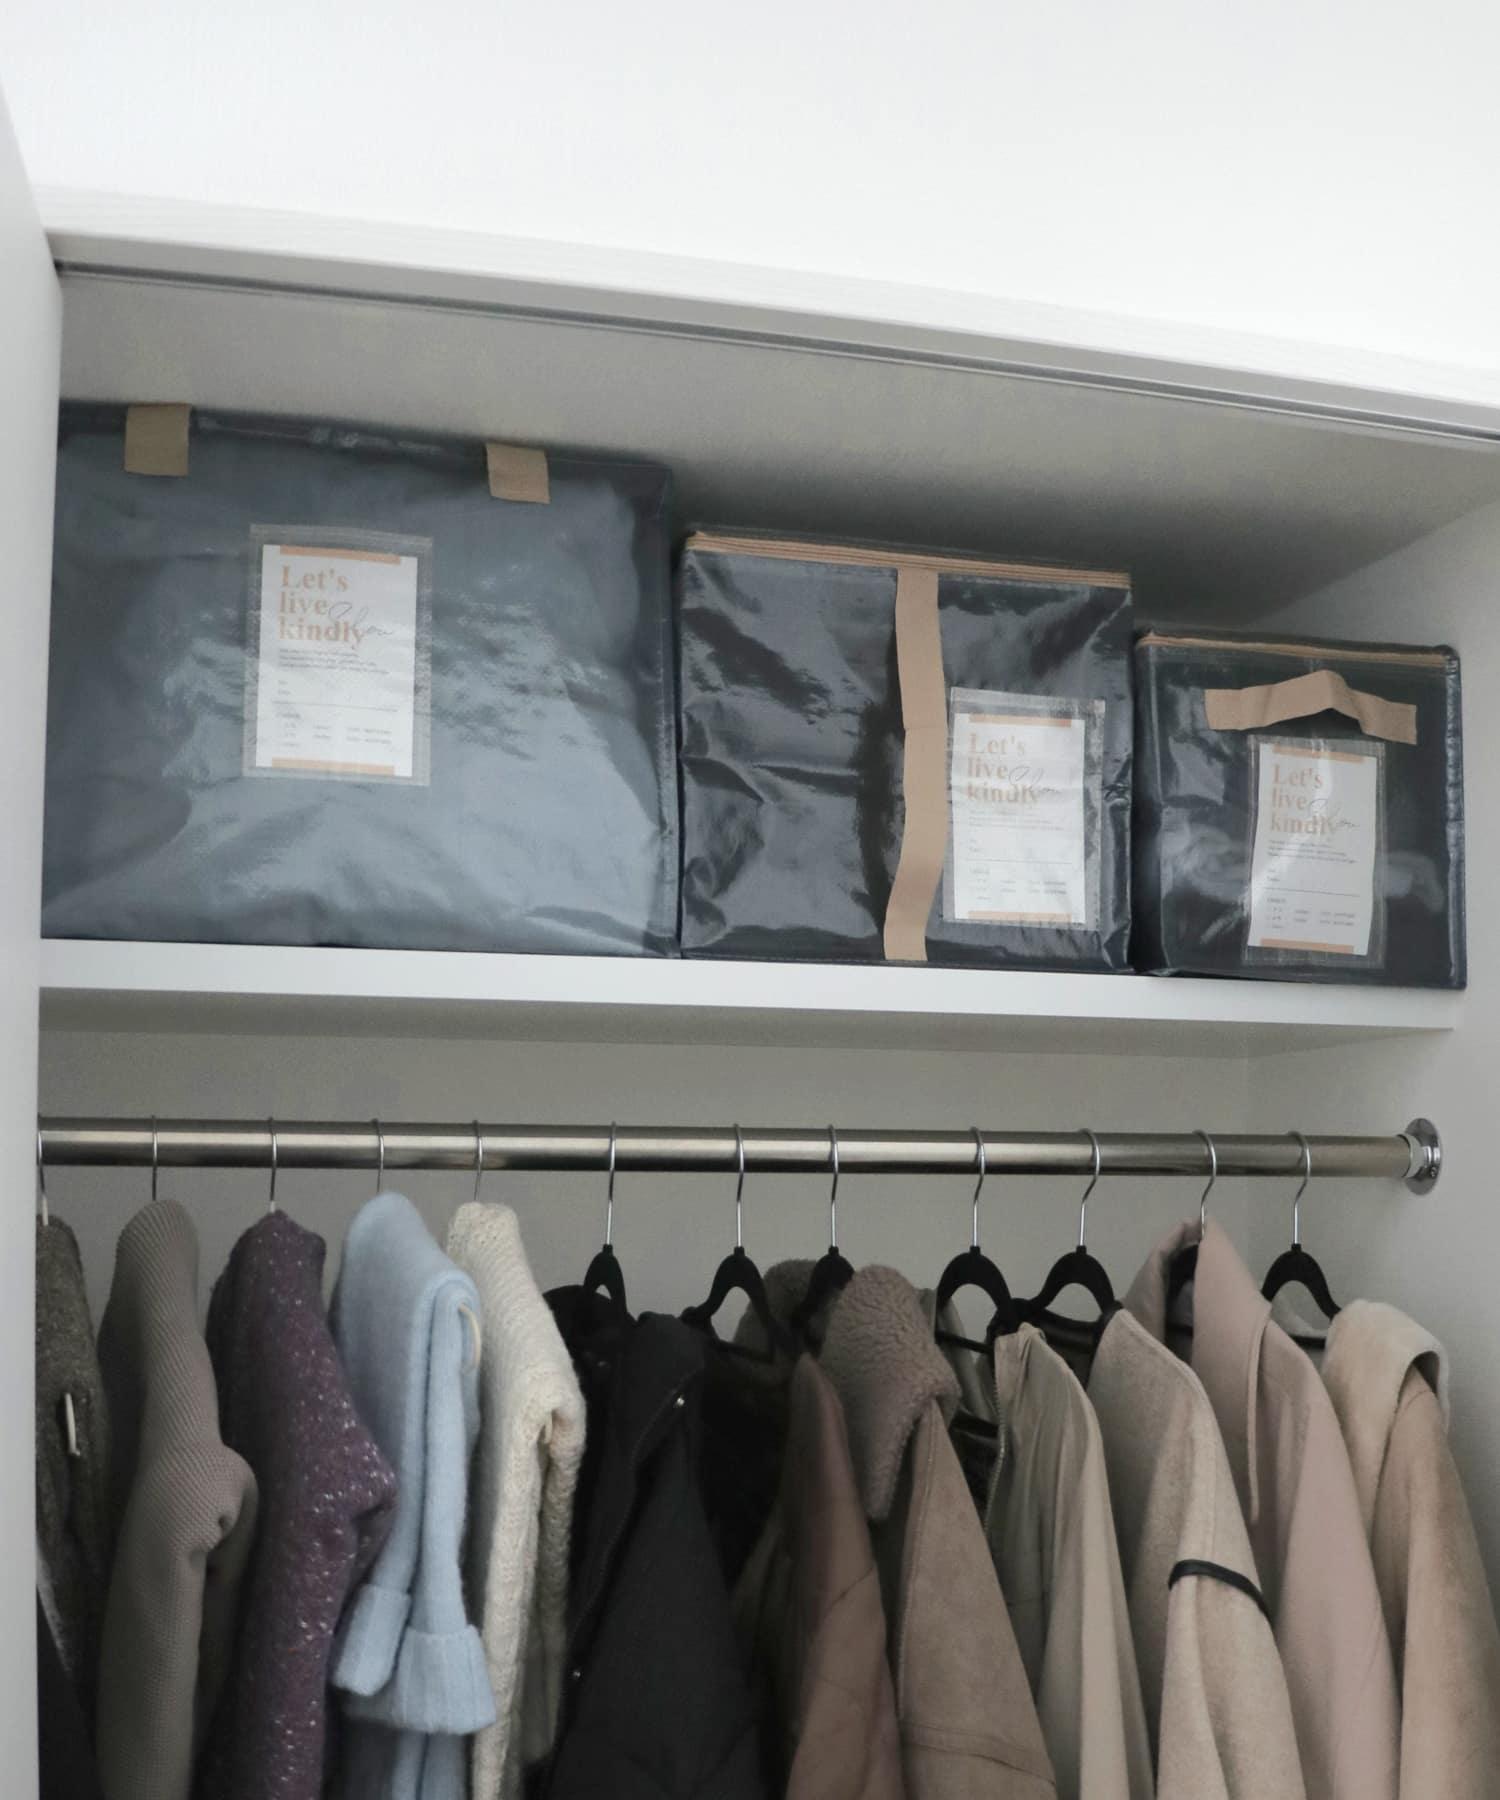 3COINS(スリーコインズ) 【衣替えやお部屋の整理に】フタ付きクリアボックス